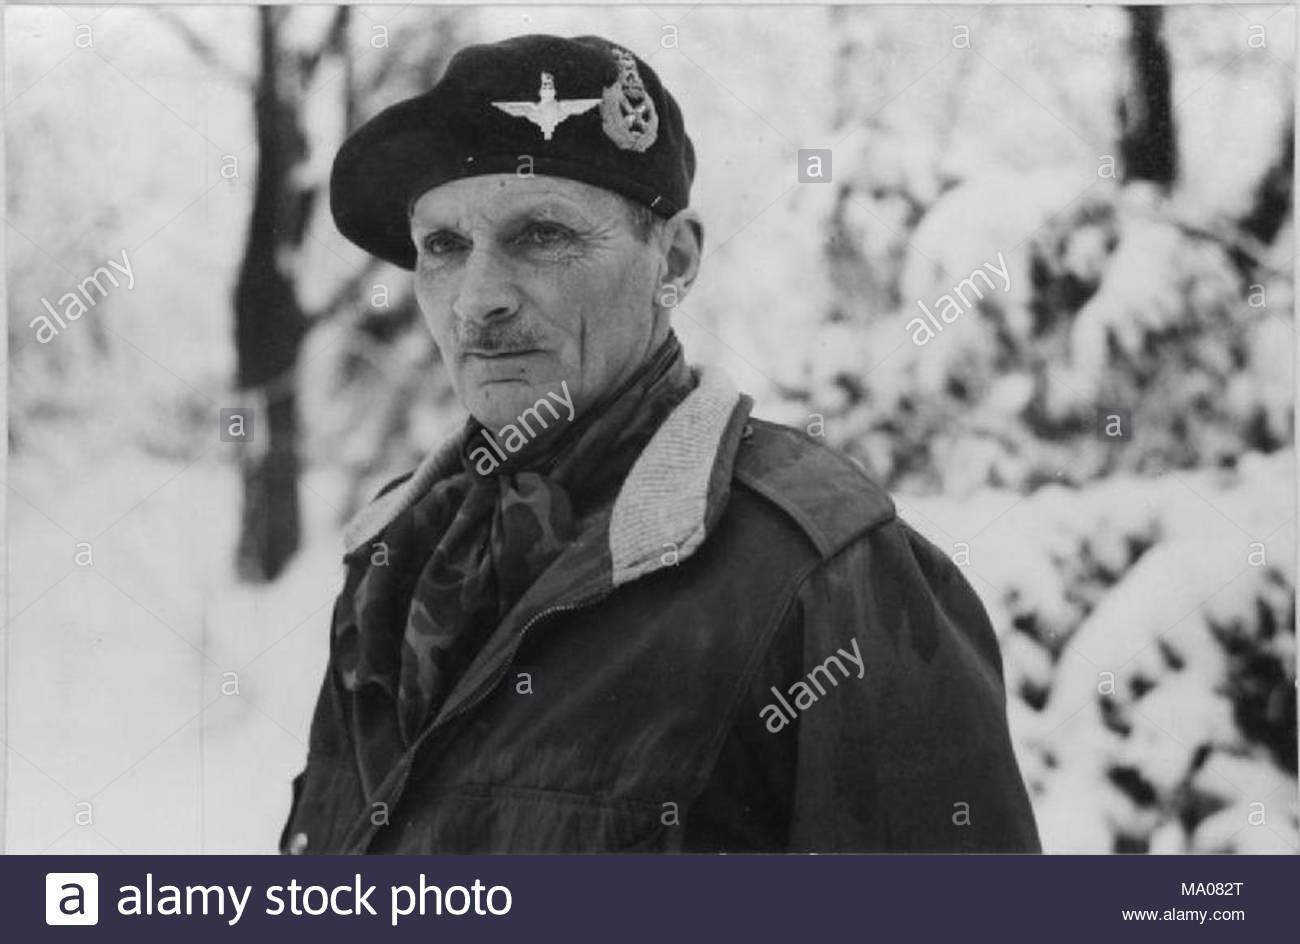 El De 45 Británico Mariscal Europa Noroeste Ejército En 1944 AqSwqf7F